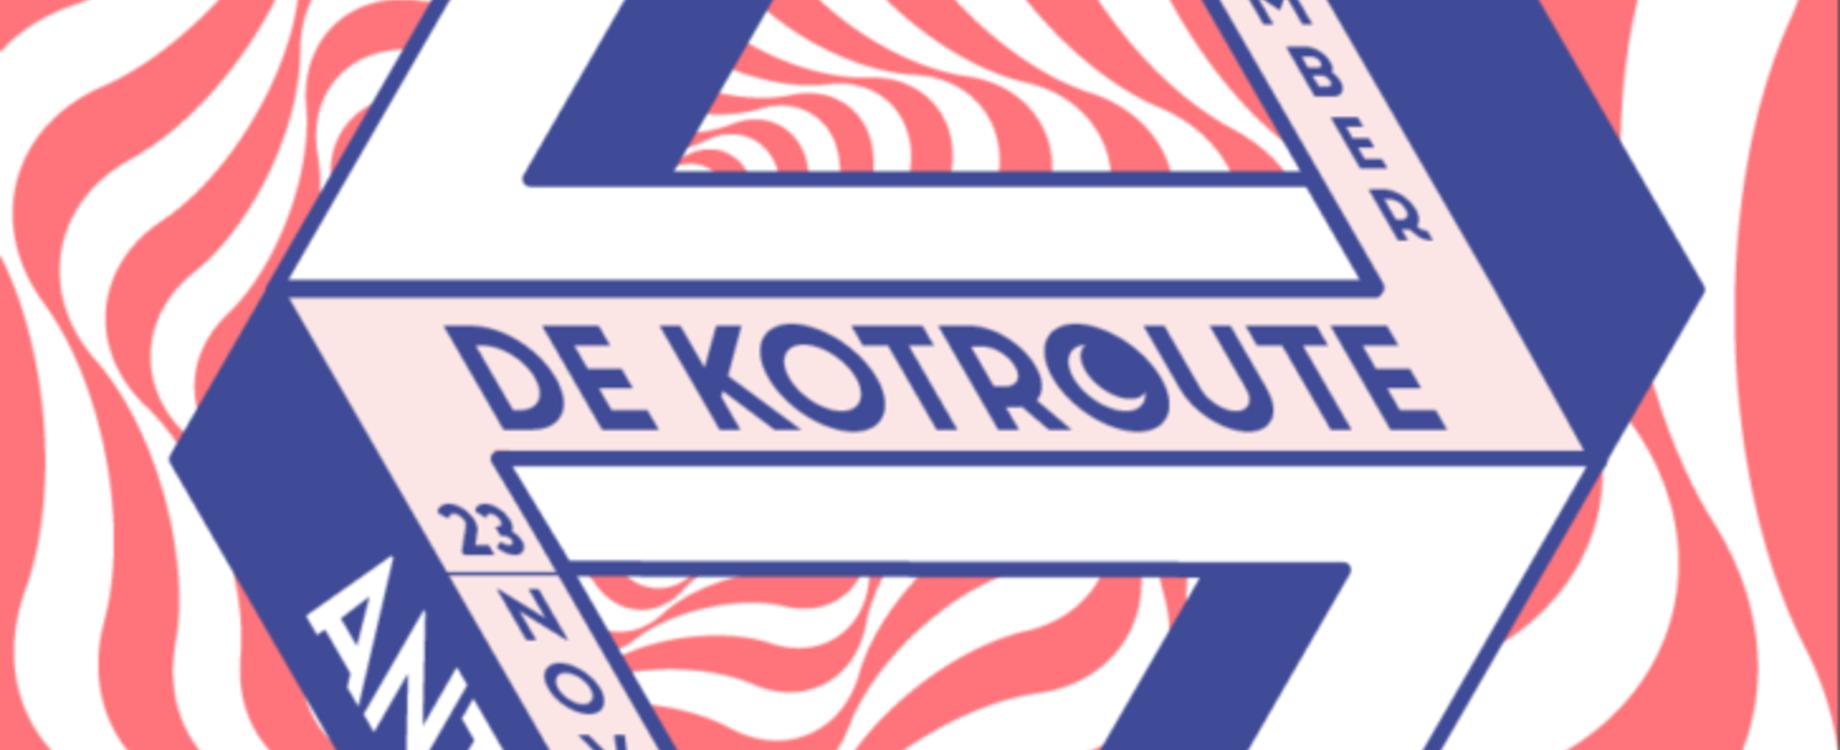 Kotroute